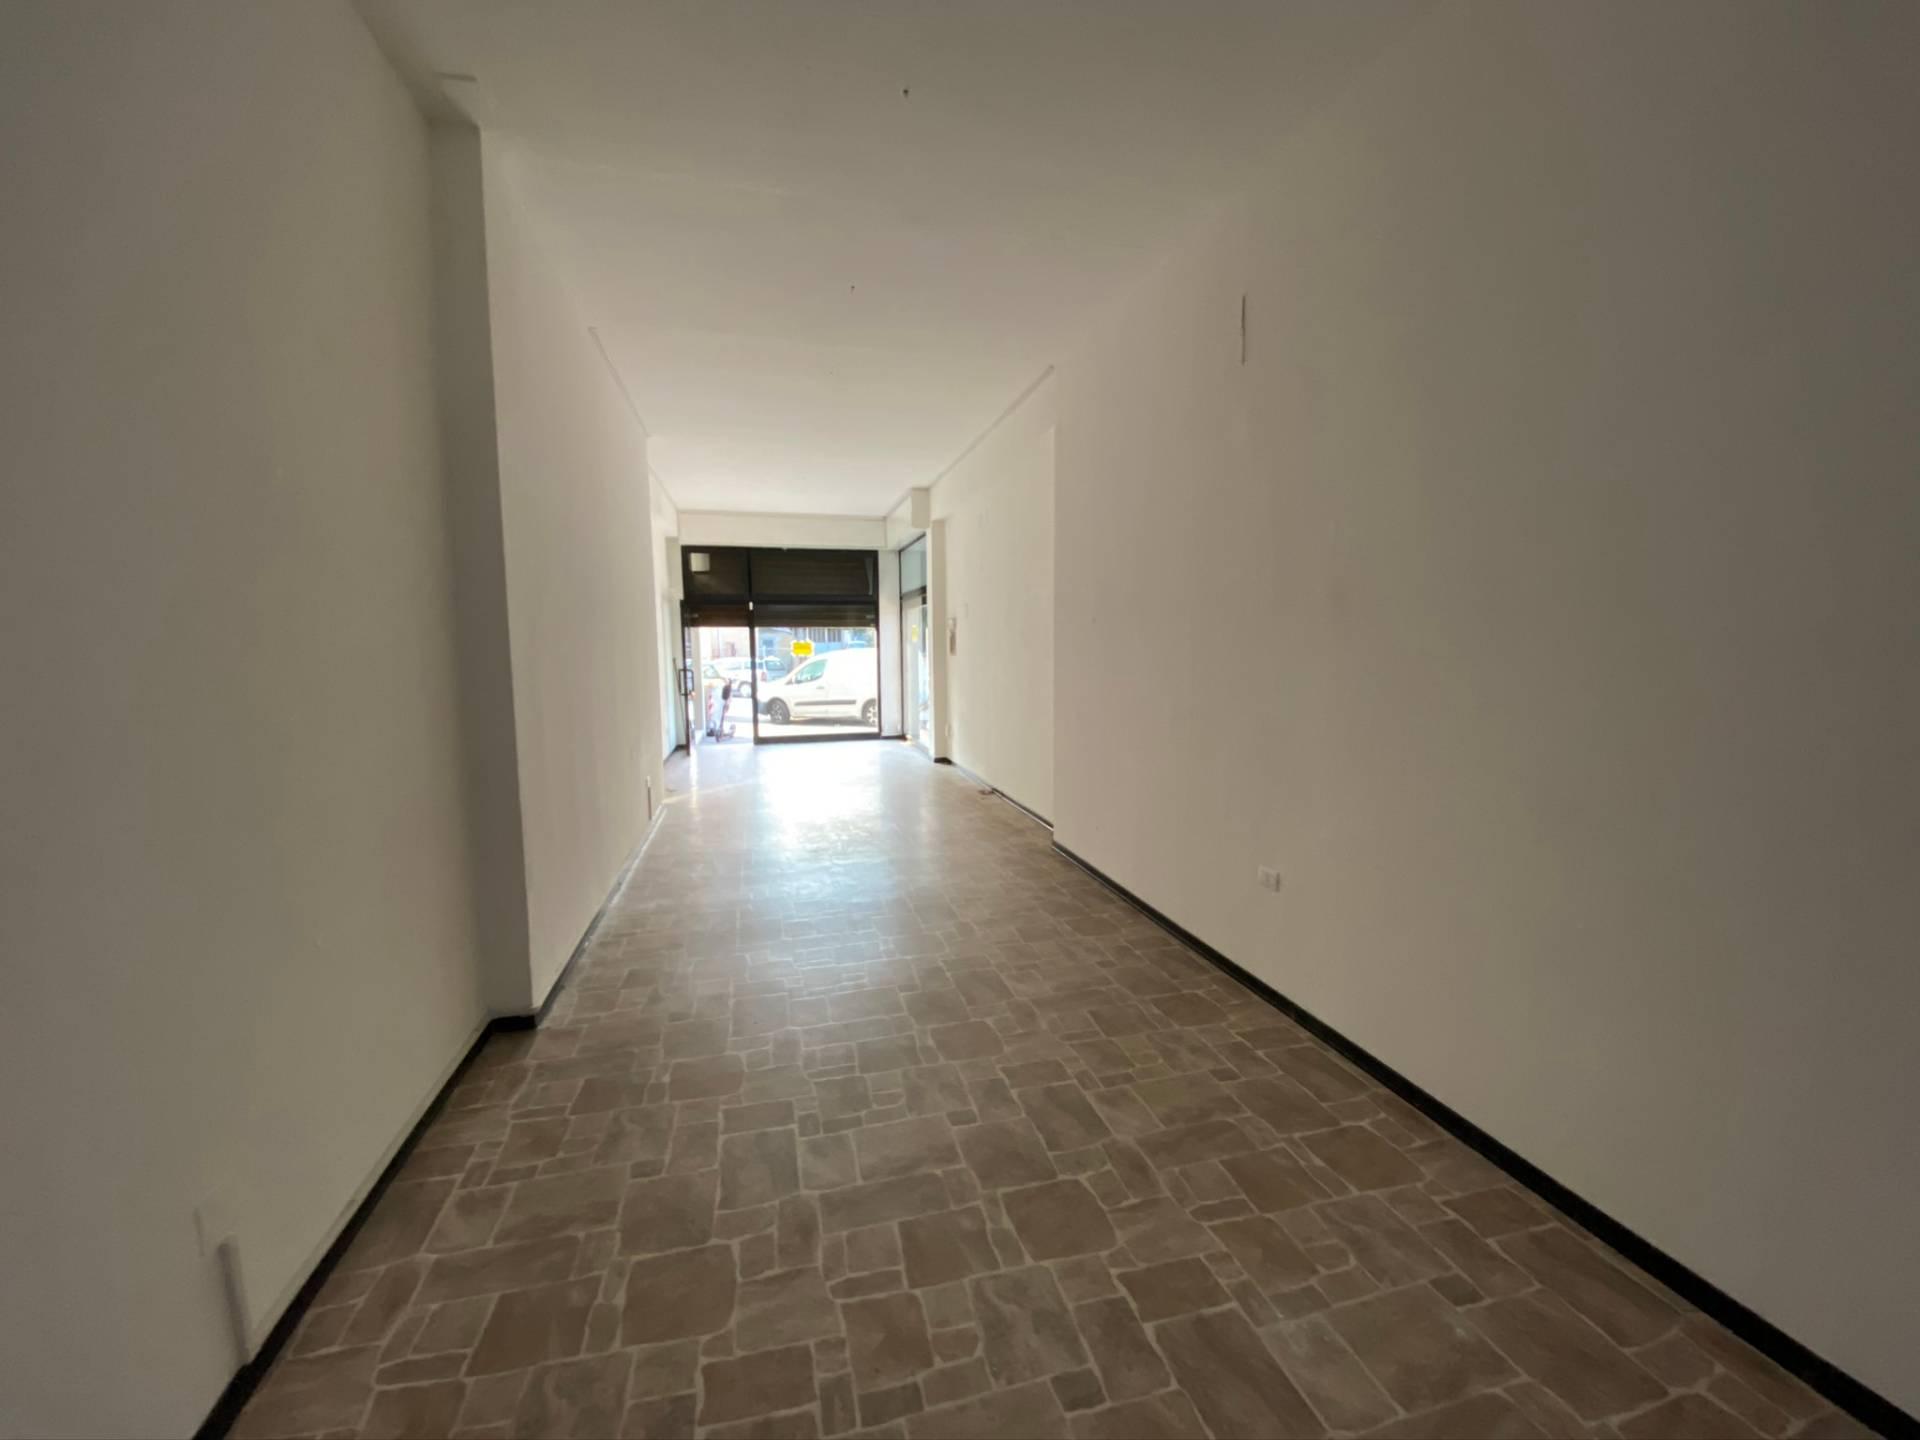 Negozio / Locale in affitto a Pesaro, 9999 locali, zona Zona: Tombaccia, prezzo € 450   CambioCasa.it